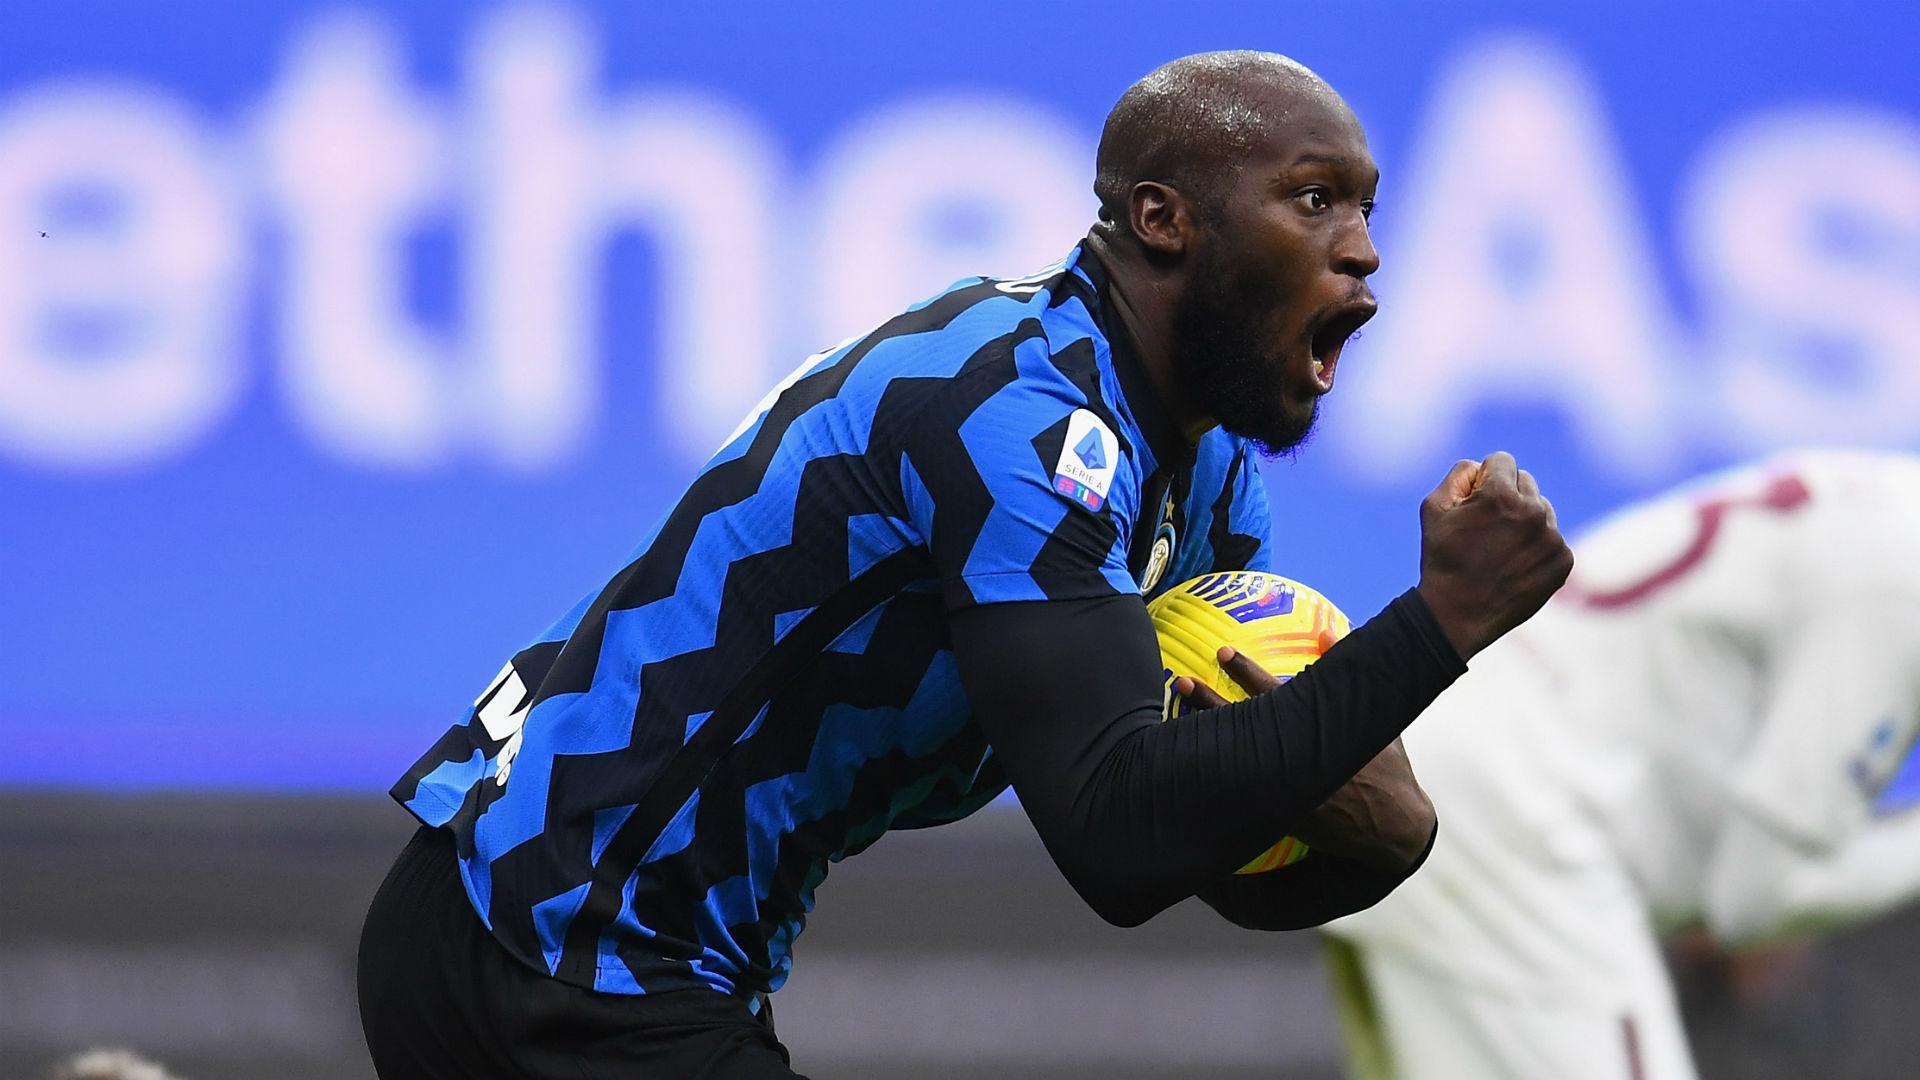 Inter 4-2 Torino: Lukaku inspires stunning Nerazzurri comeback